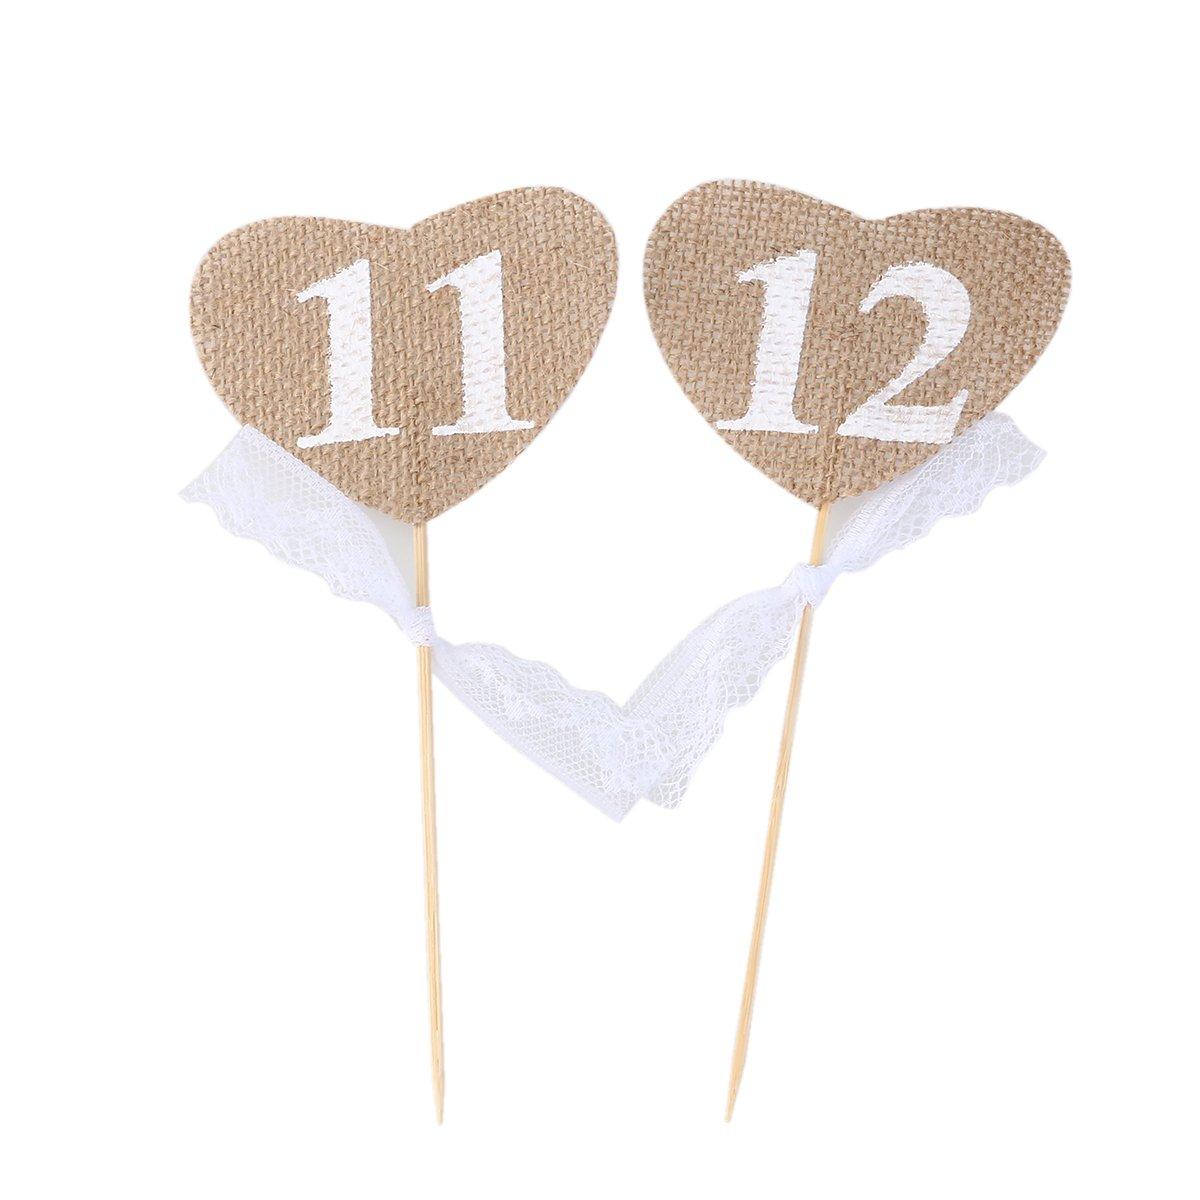 OULII N/úmeros de mesa de boda 10pcs 20 11 coraz/ón forma Banner Decor con palo